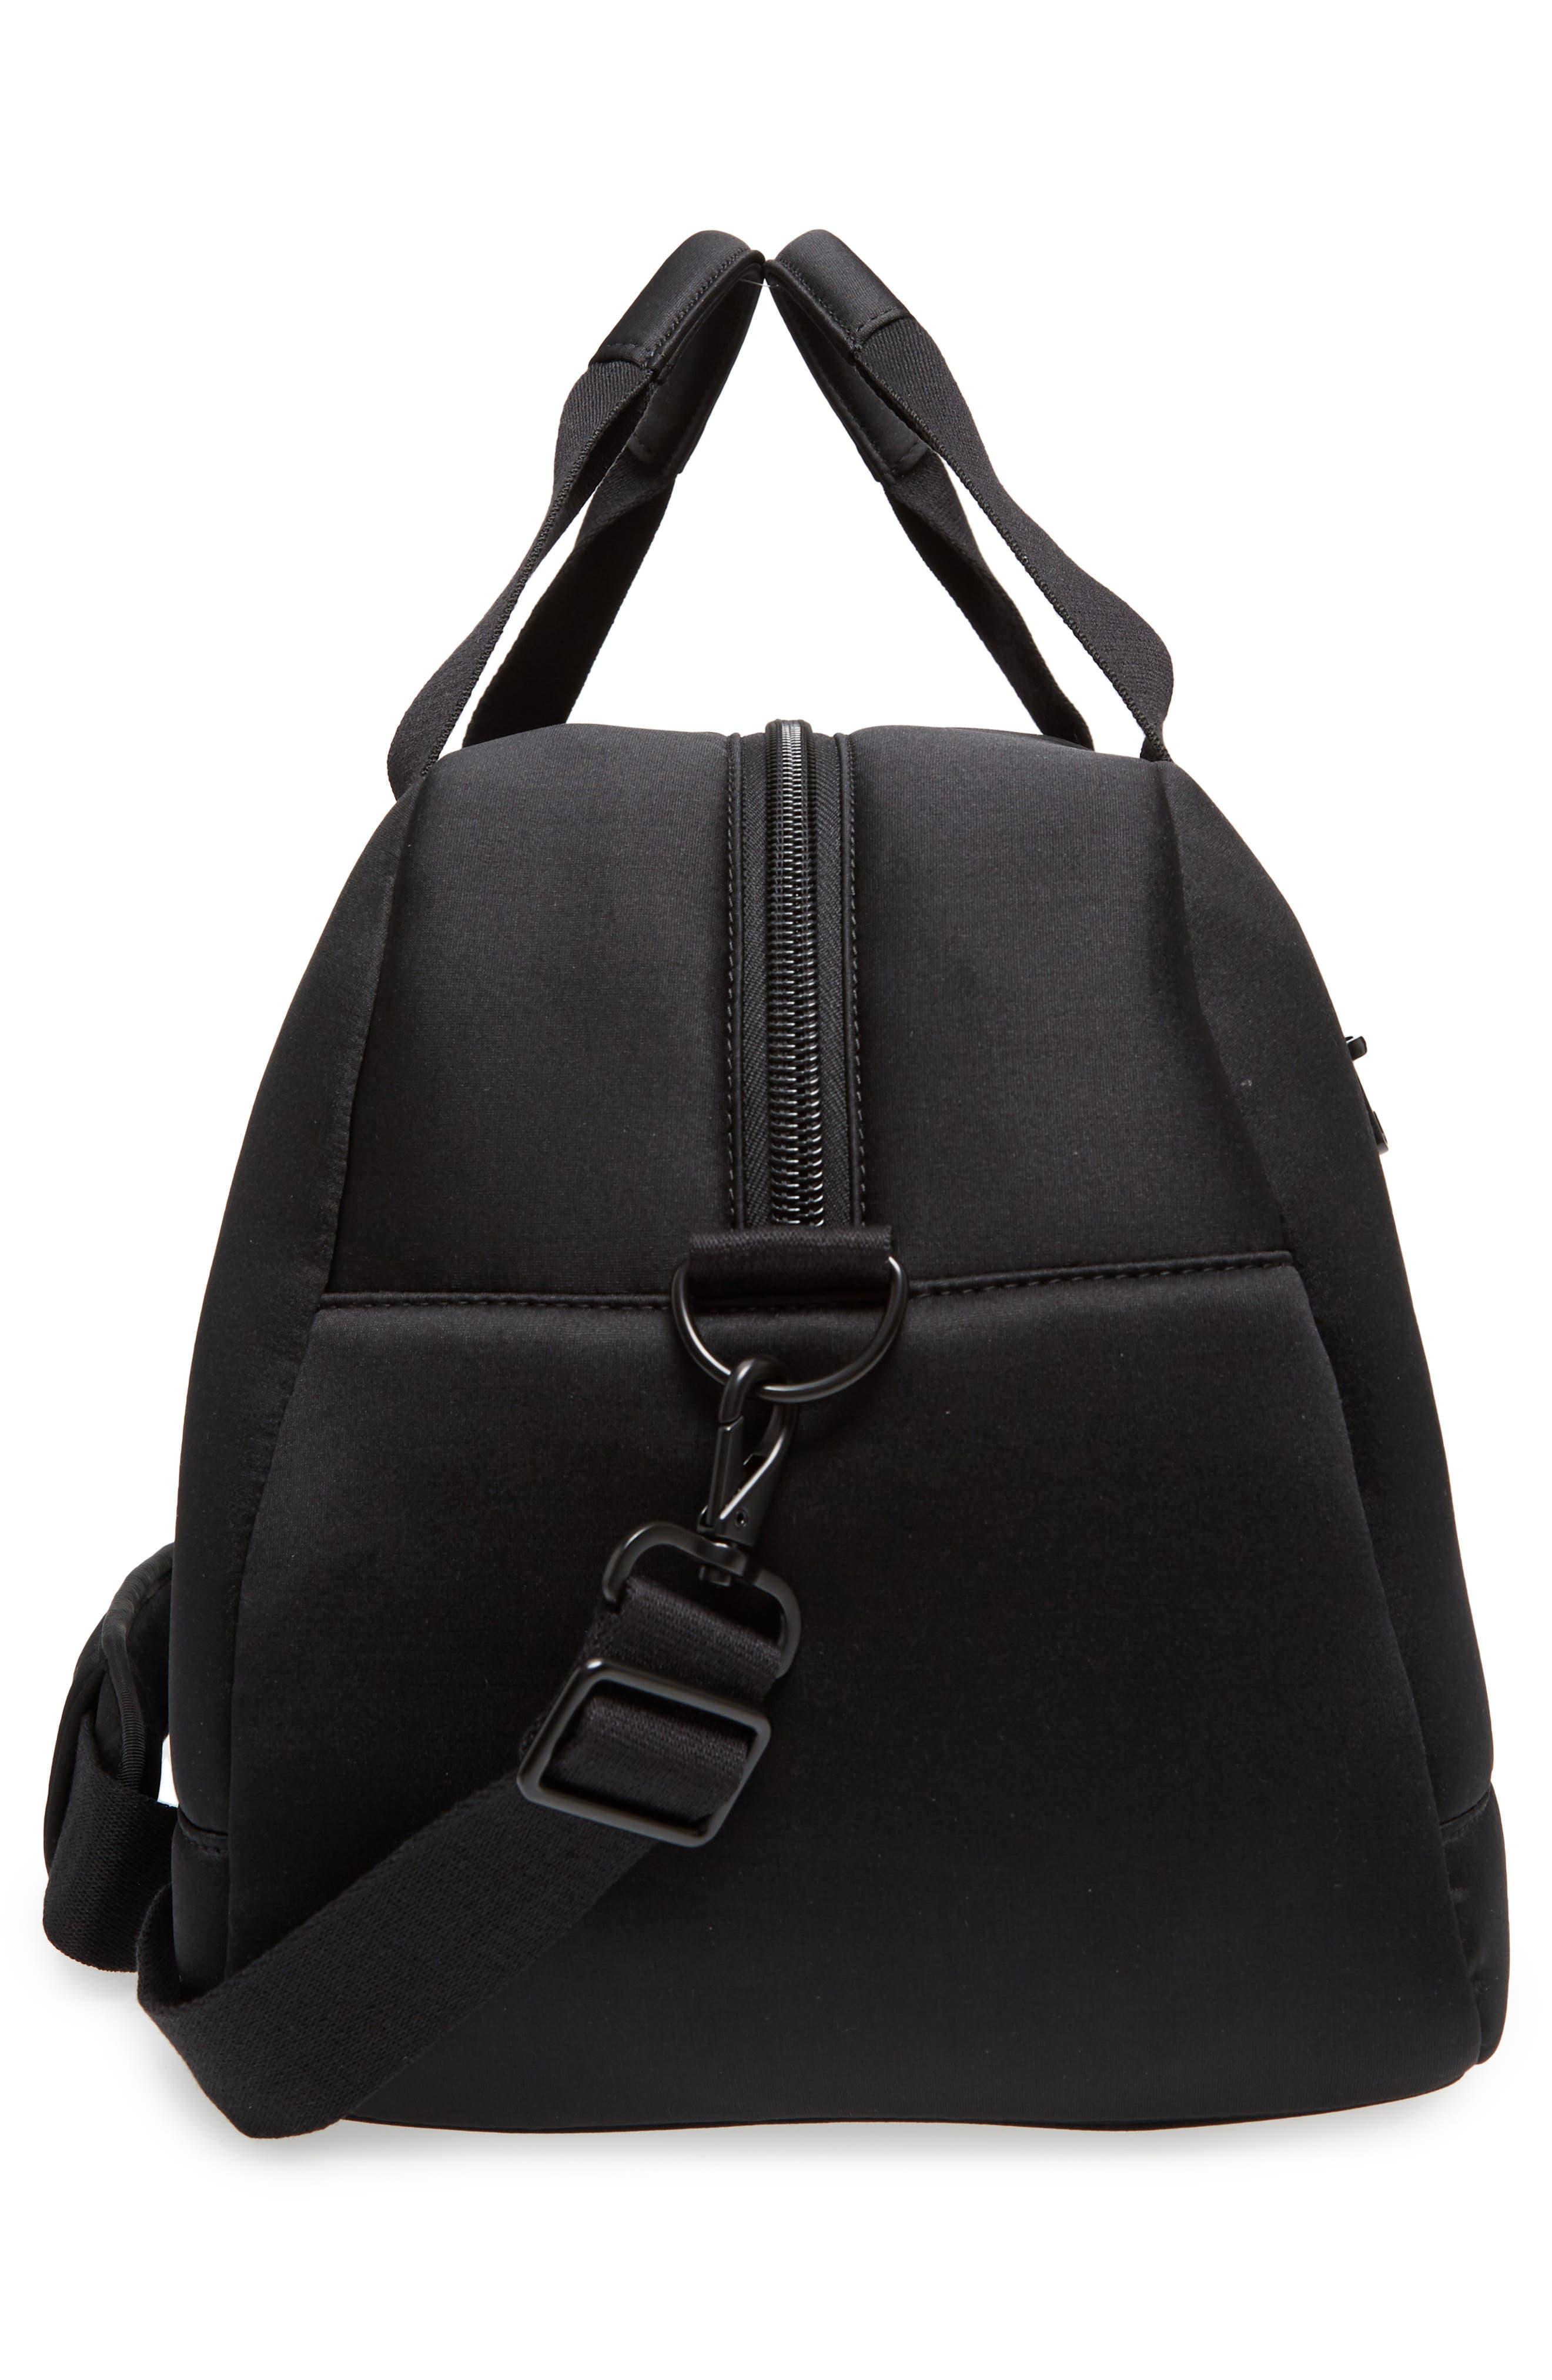 Franklin Neoprene Duffel Bag,                             Alternate thumbnail 5, color,                             Black